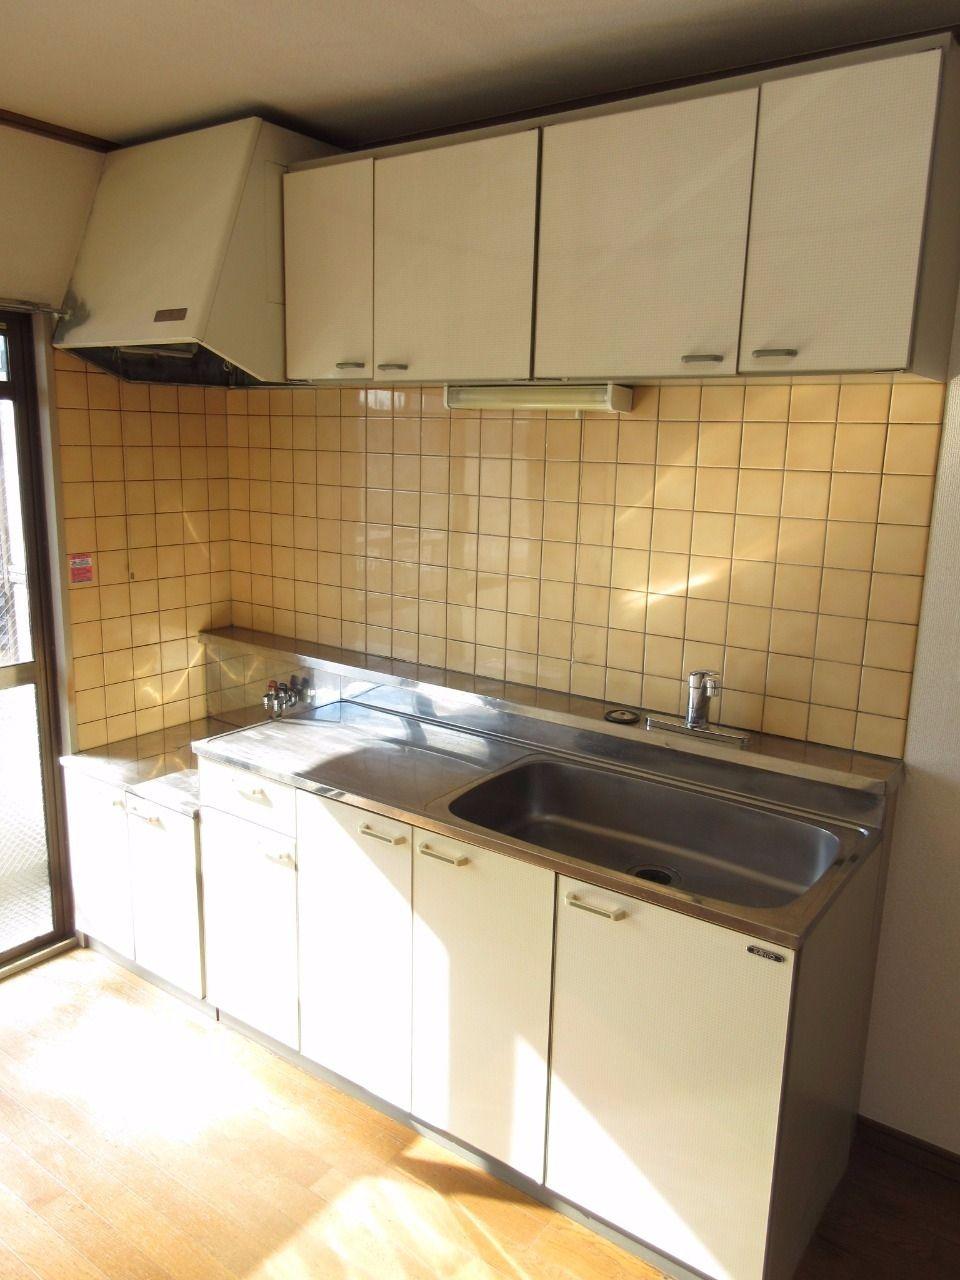 ガスコンロはご用意しなければなりませんが、広めのキッチンなので料理がしやすいです